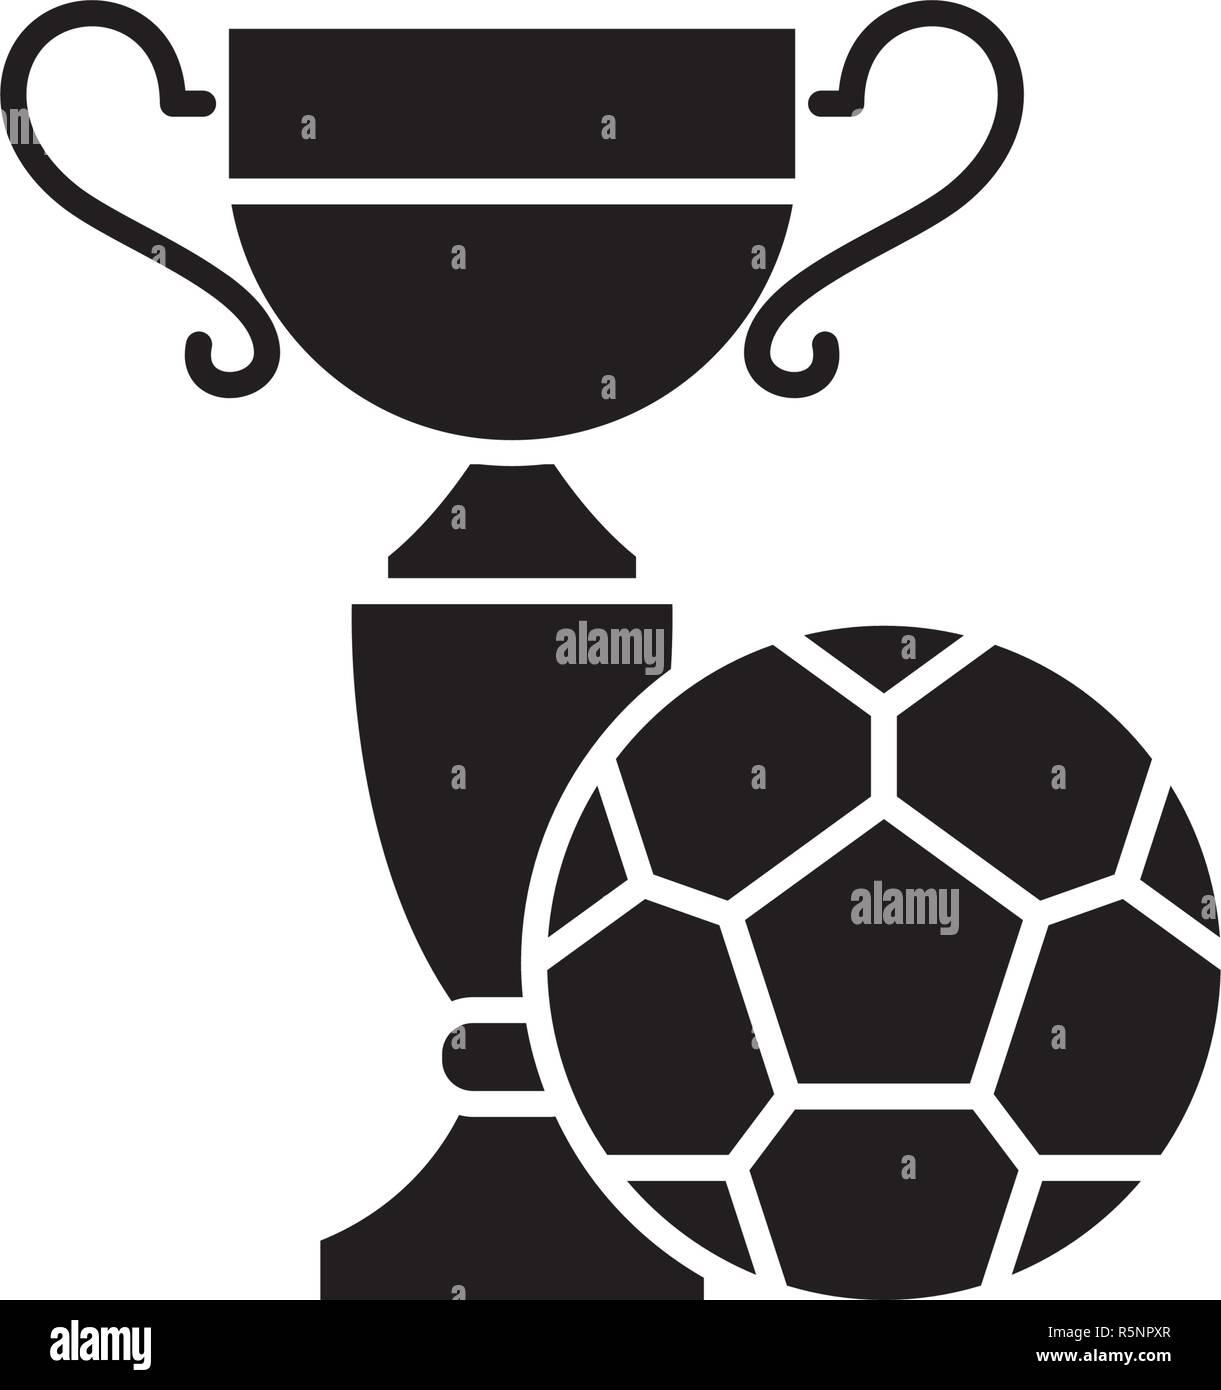 Fussball Spielen Feld Schwarze Symbol Vektor Zeichen Auf